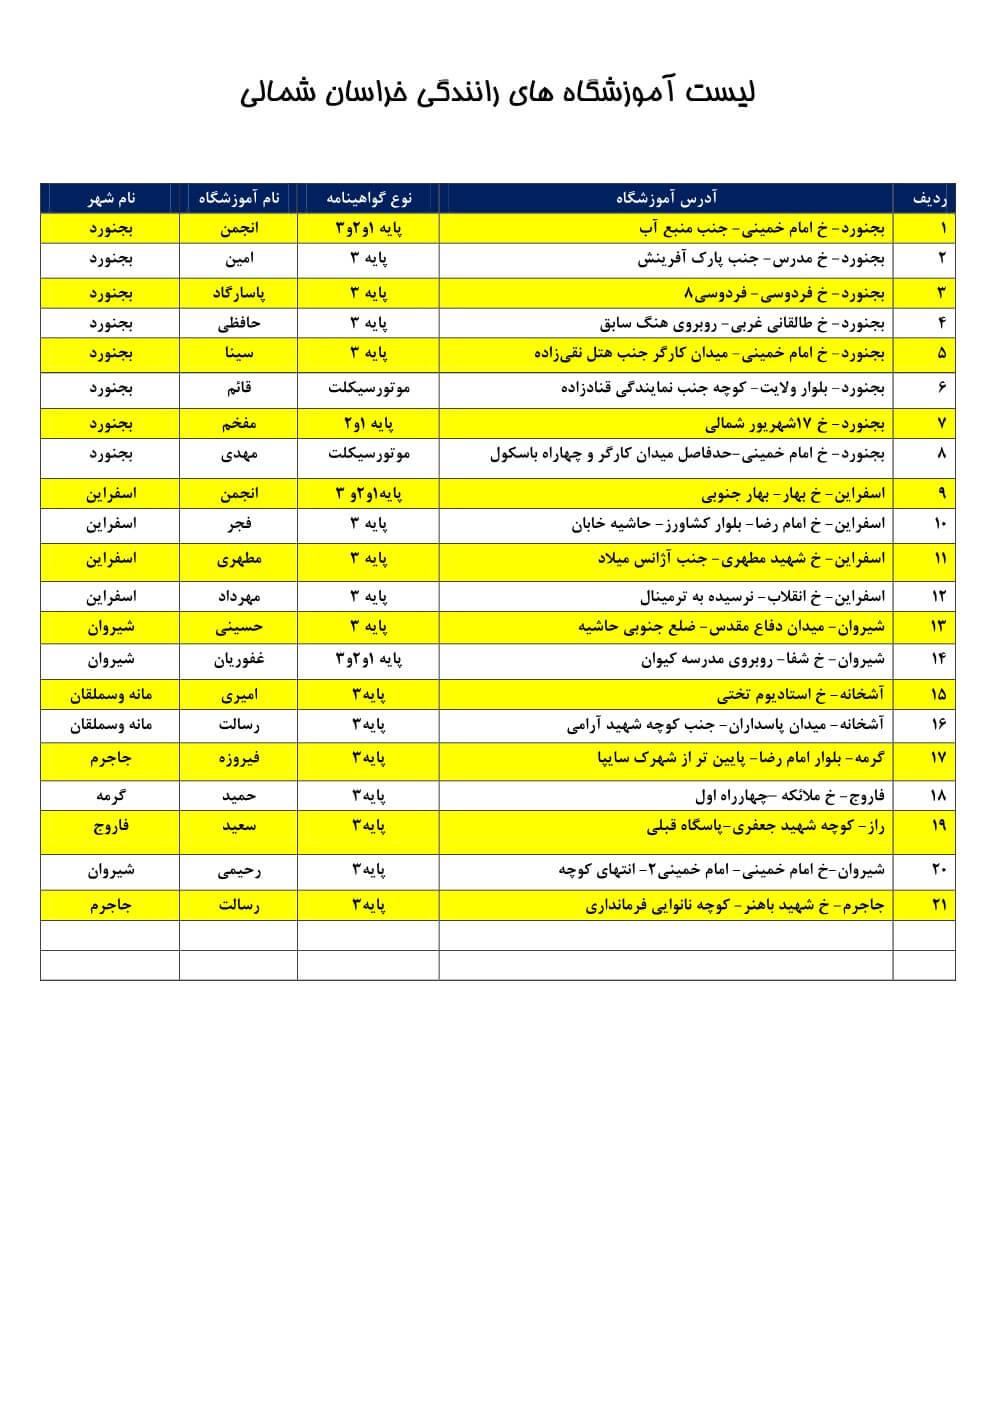 آموزشگاه های رانندگی خراسان شمالی